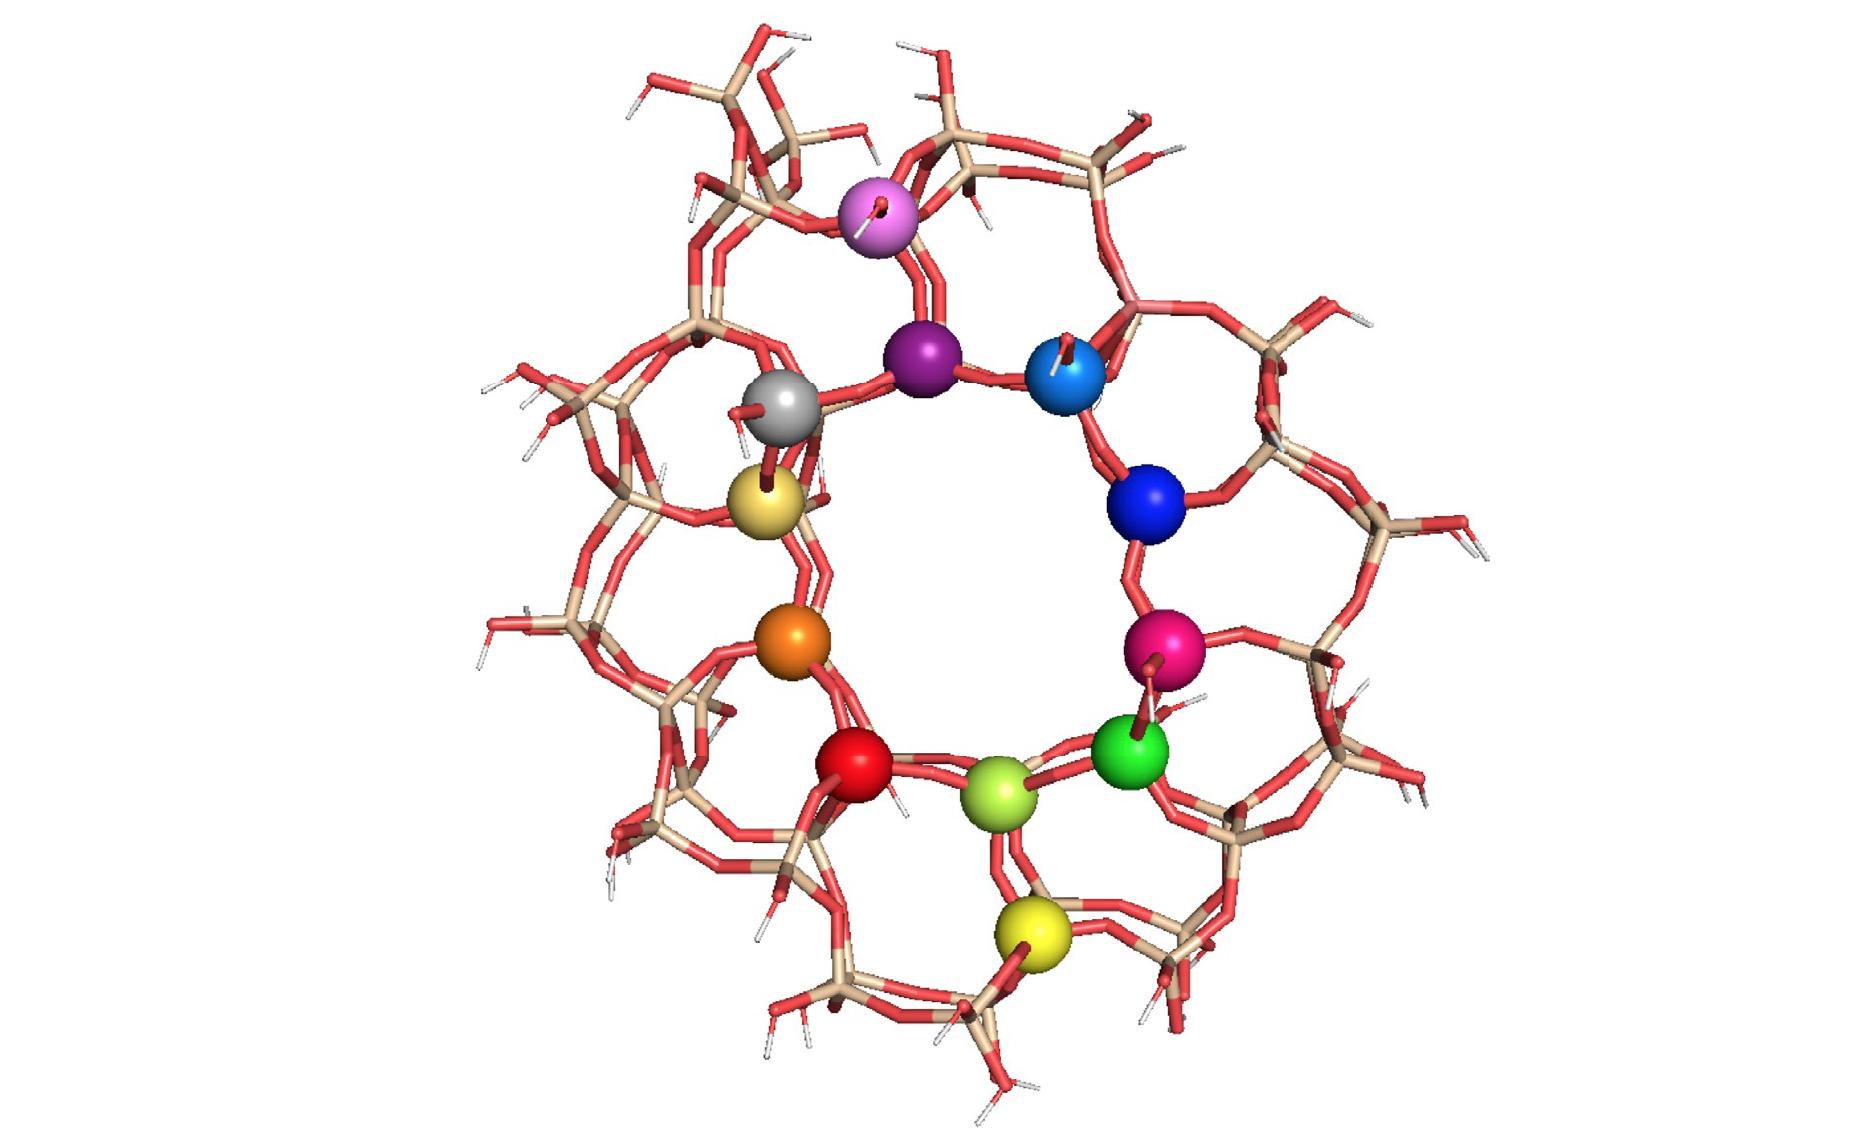 Titan silicaliti: məşhur katalizatorunun xassələrinin araşdırılması